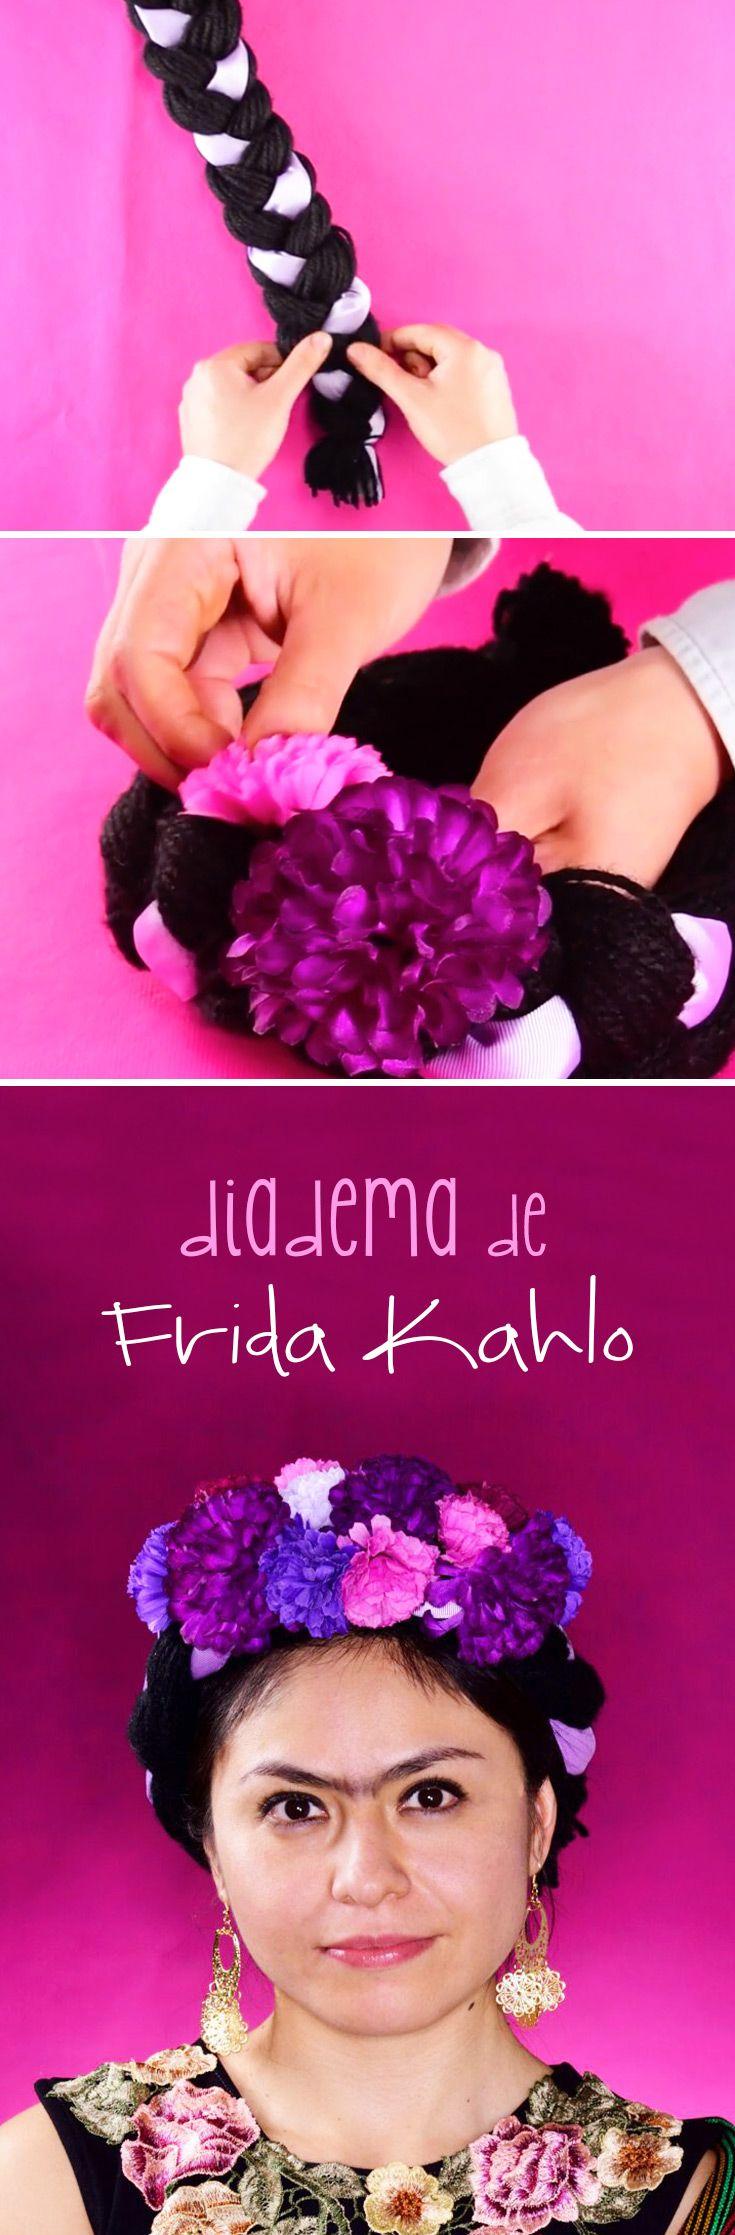 ¿Qué más mexicano que Frida Kahlo? Celebra el 15 de septiembre con su estilo.   Materiales •Estambre negro •Cordón elástico •Flores artificiales •Silicón caliente Mayo, Halloween, Party Ideas, Crown, Color, Head Bands, Mexican Flowers, Plaits Hairstyles, Corona